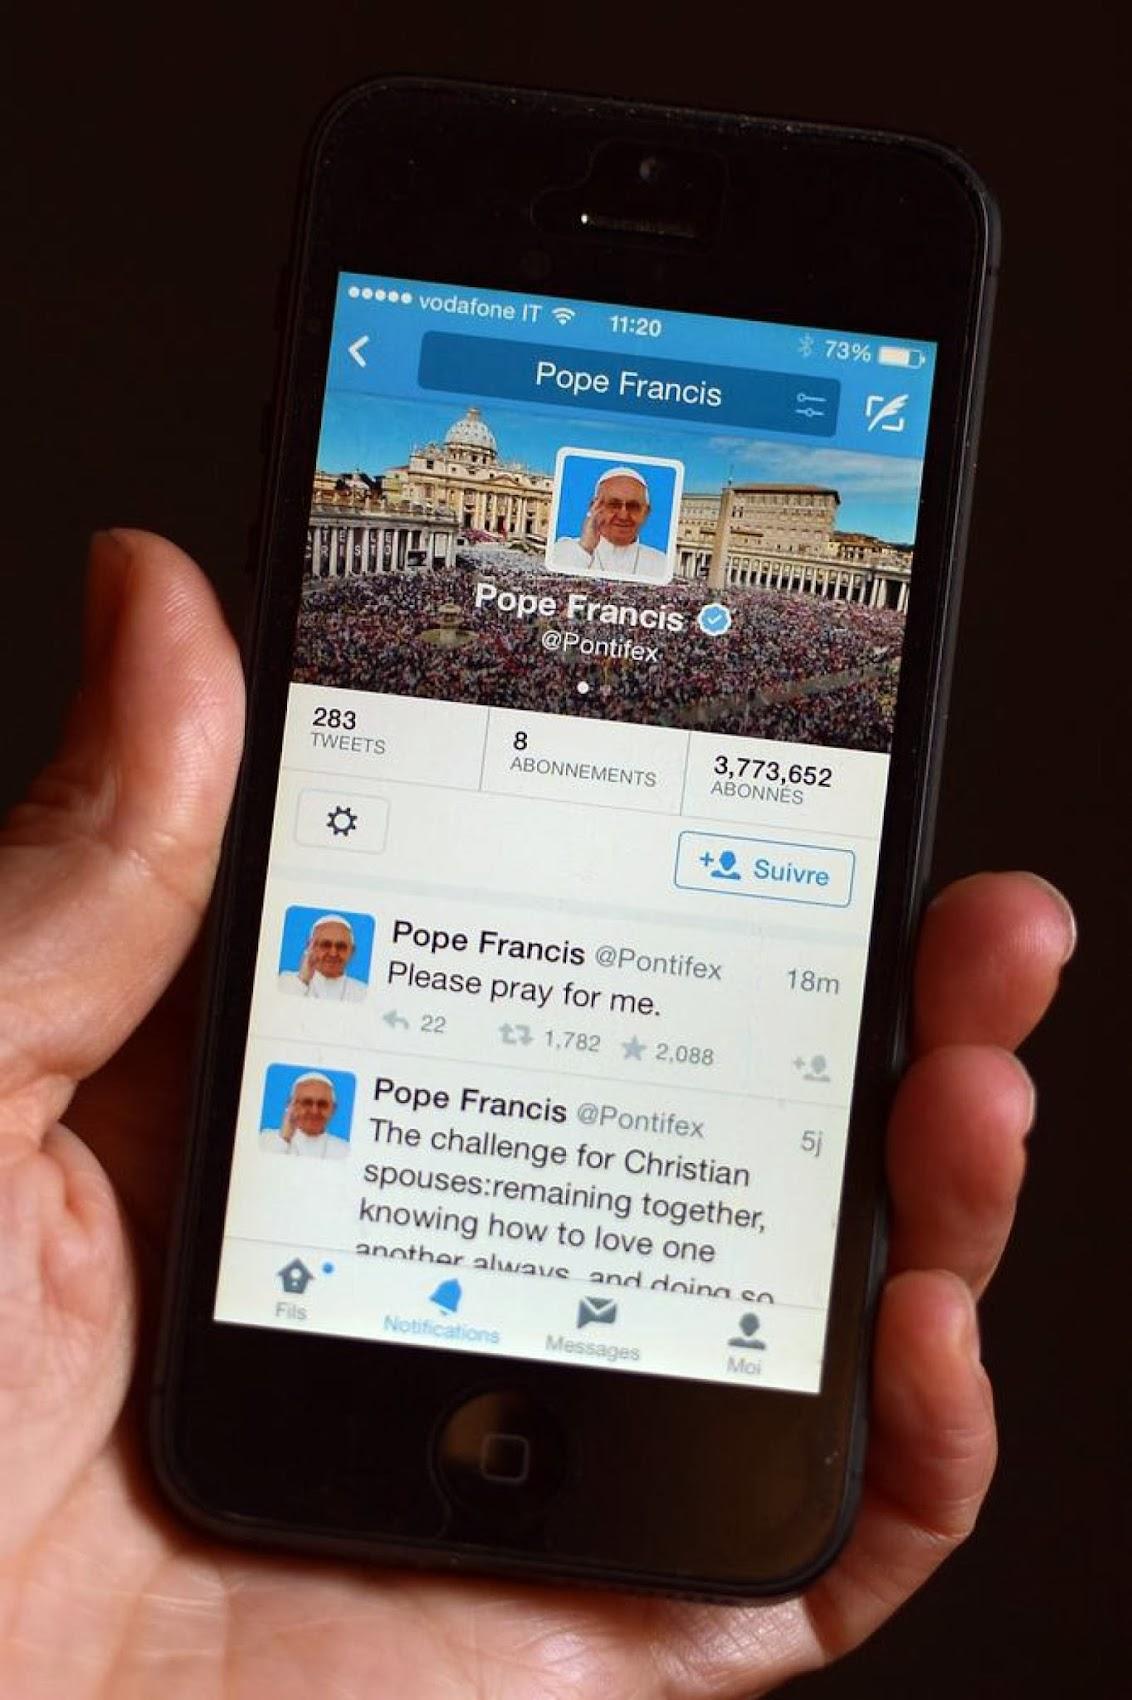 http://3.bp.blogspot.com/-pPydOSxrZeU/UyG9mkwvlyI/AAAAAAAAT90/75BSabB4rNw/s1700/Pope+Twitter+Mar-13-2014.jpg